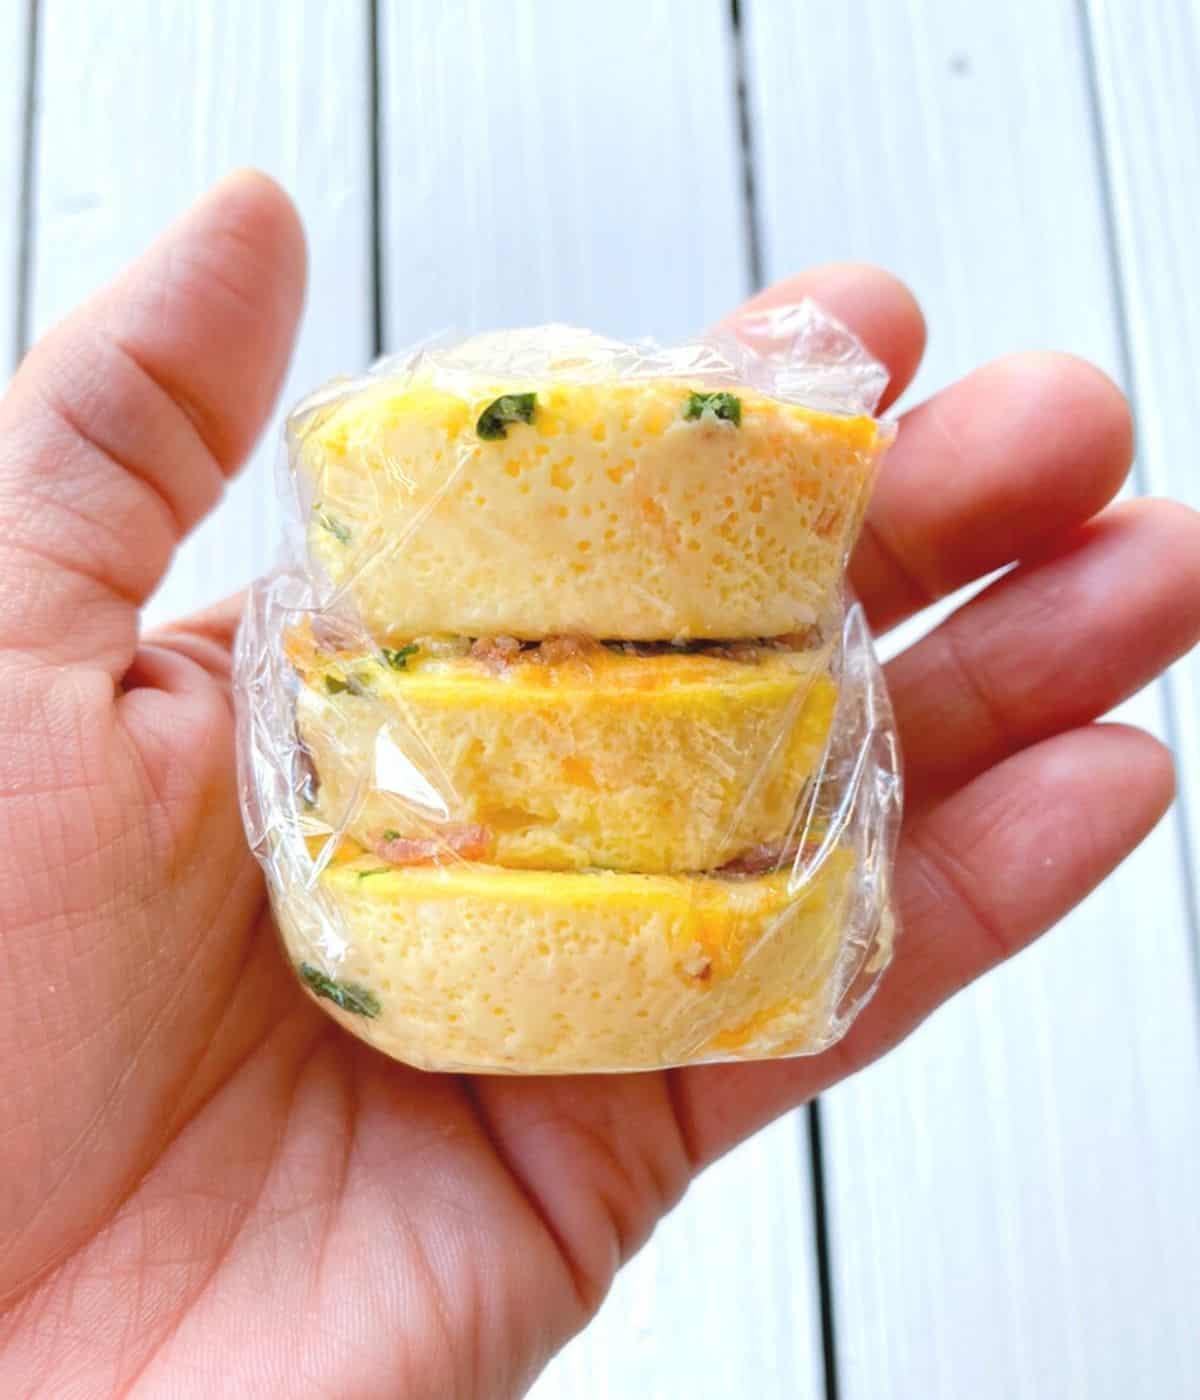 Starbucks copycat egg bites hand stacked inside plastic wrap.